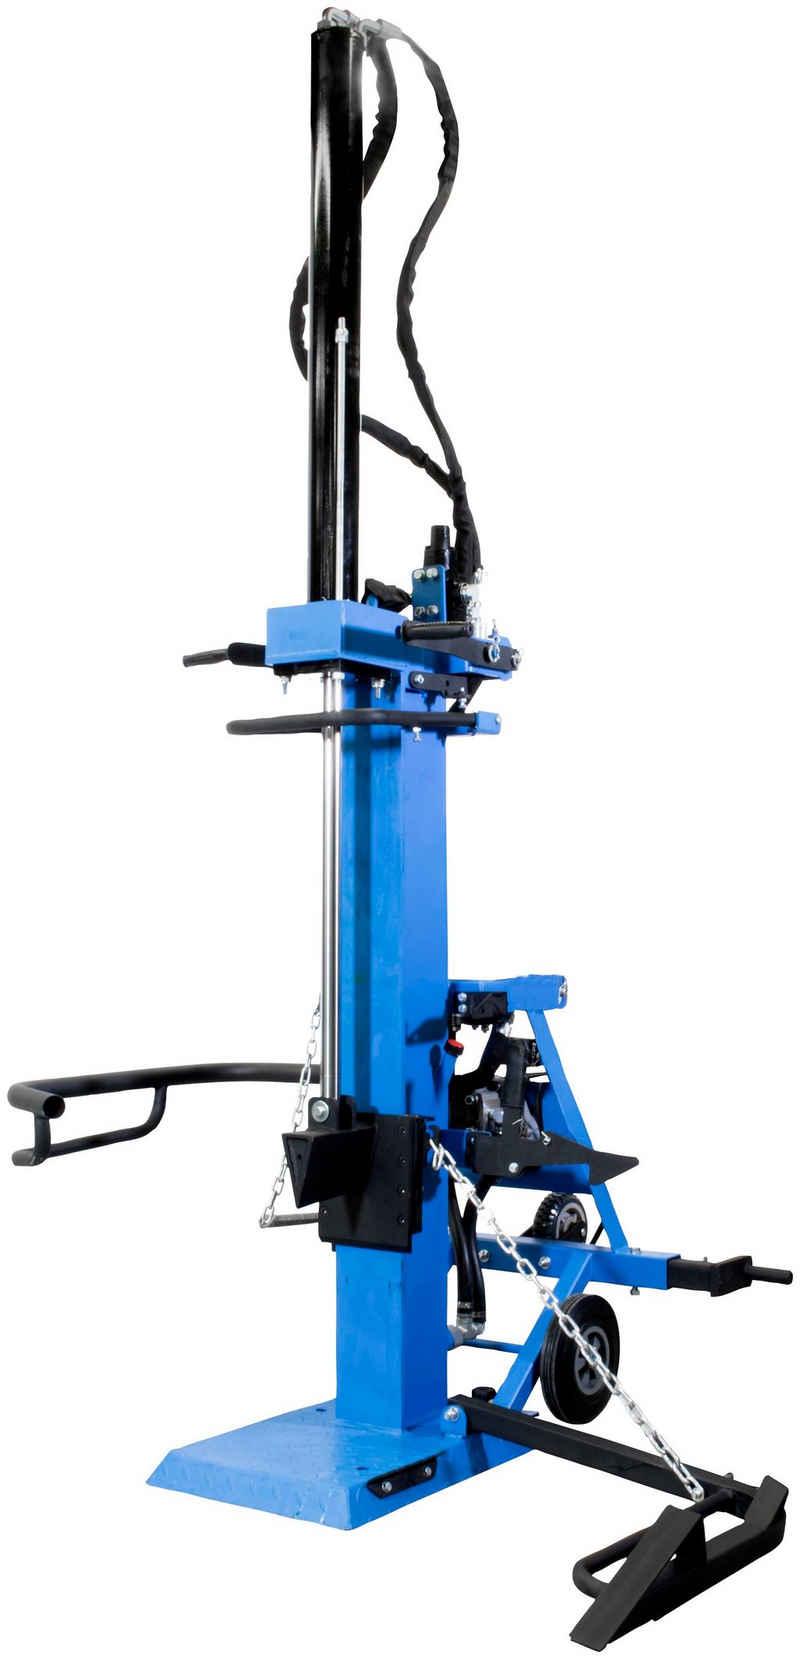 Güde Holzspalter »GHS 1000/14TZ-A«, Spaltgutlänge bis 100 cm, Spaltgutdurchmesser bis 43 cm, Zapfwellenbetrieb